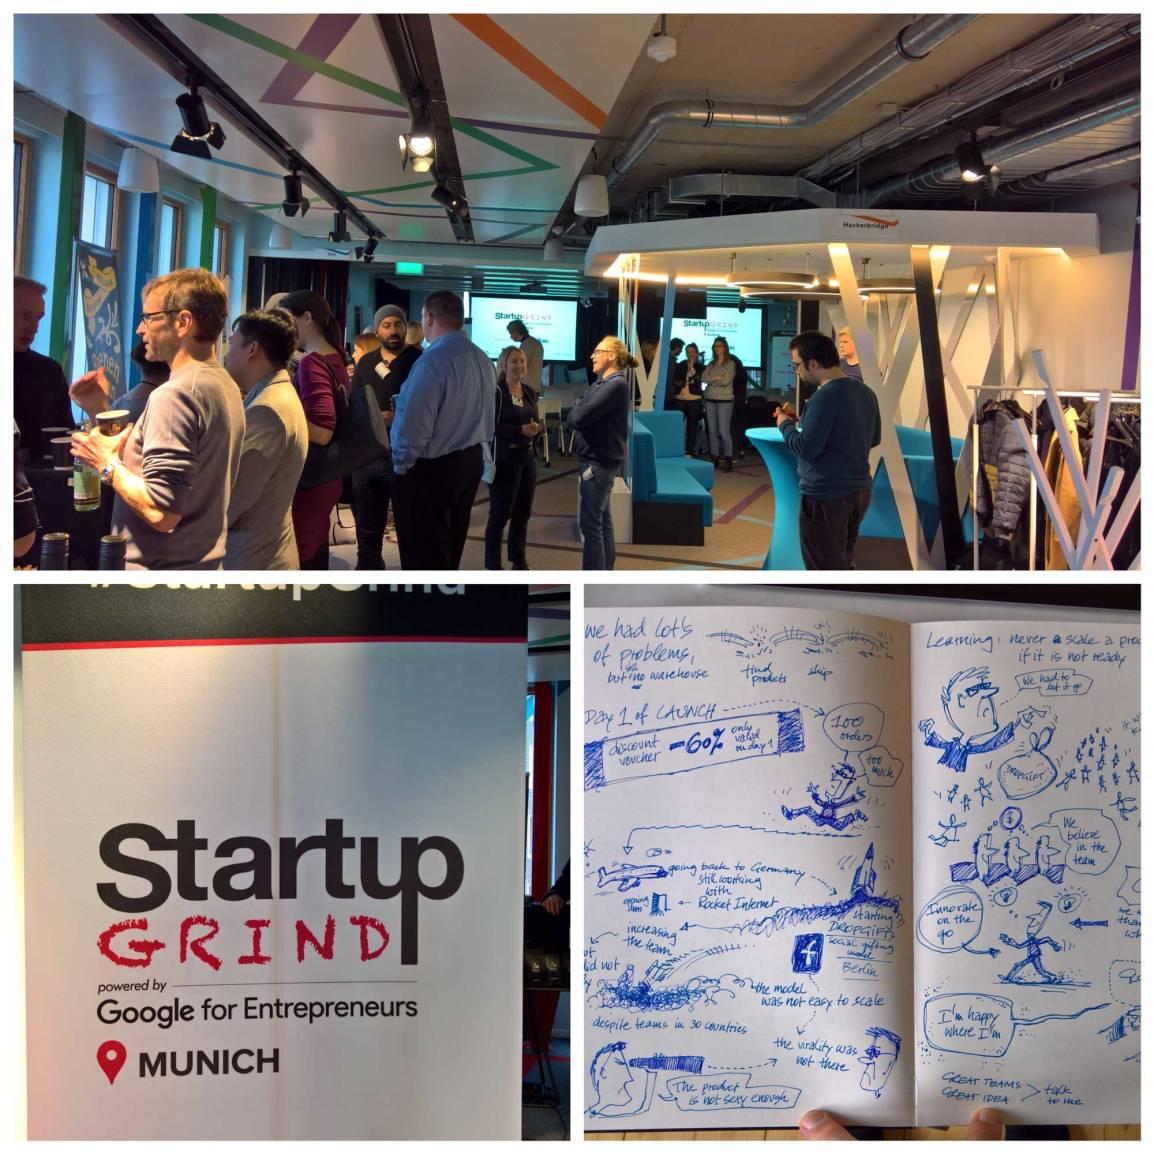 Startup-Talk-Grind-Google-Munich-ss